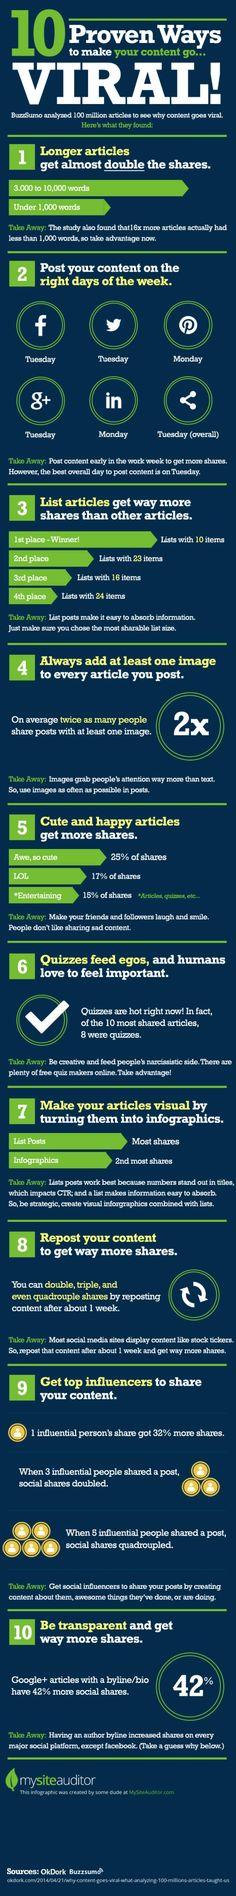 Una infografía que nos ofrece 10 sencillos consejos para lograr que nuestros contenidos sean más virales. Basada en el estudio de 100 millones de artículos.